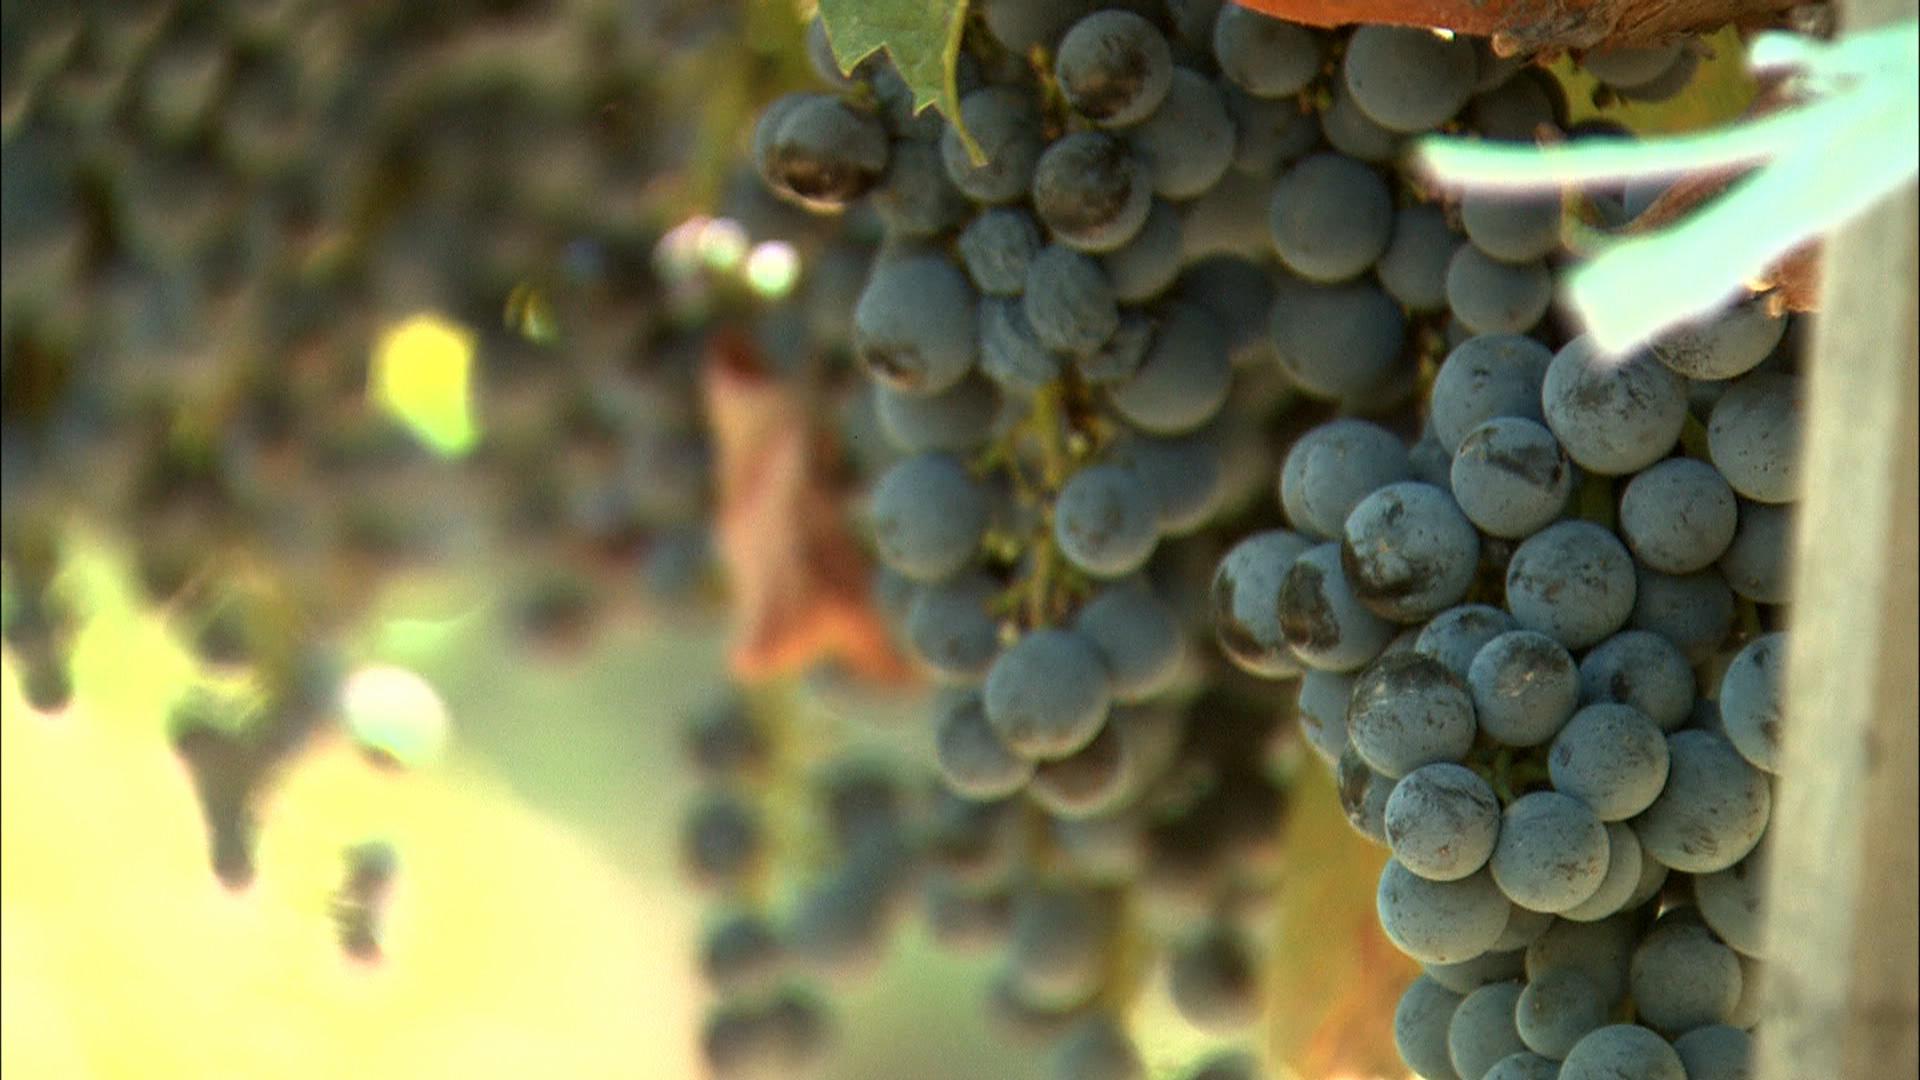 Ascensiunea vinului romanesc si cine investeste in podgorii. Un reportaj realizat de Alex Dima